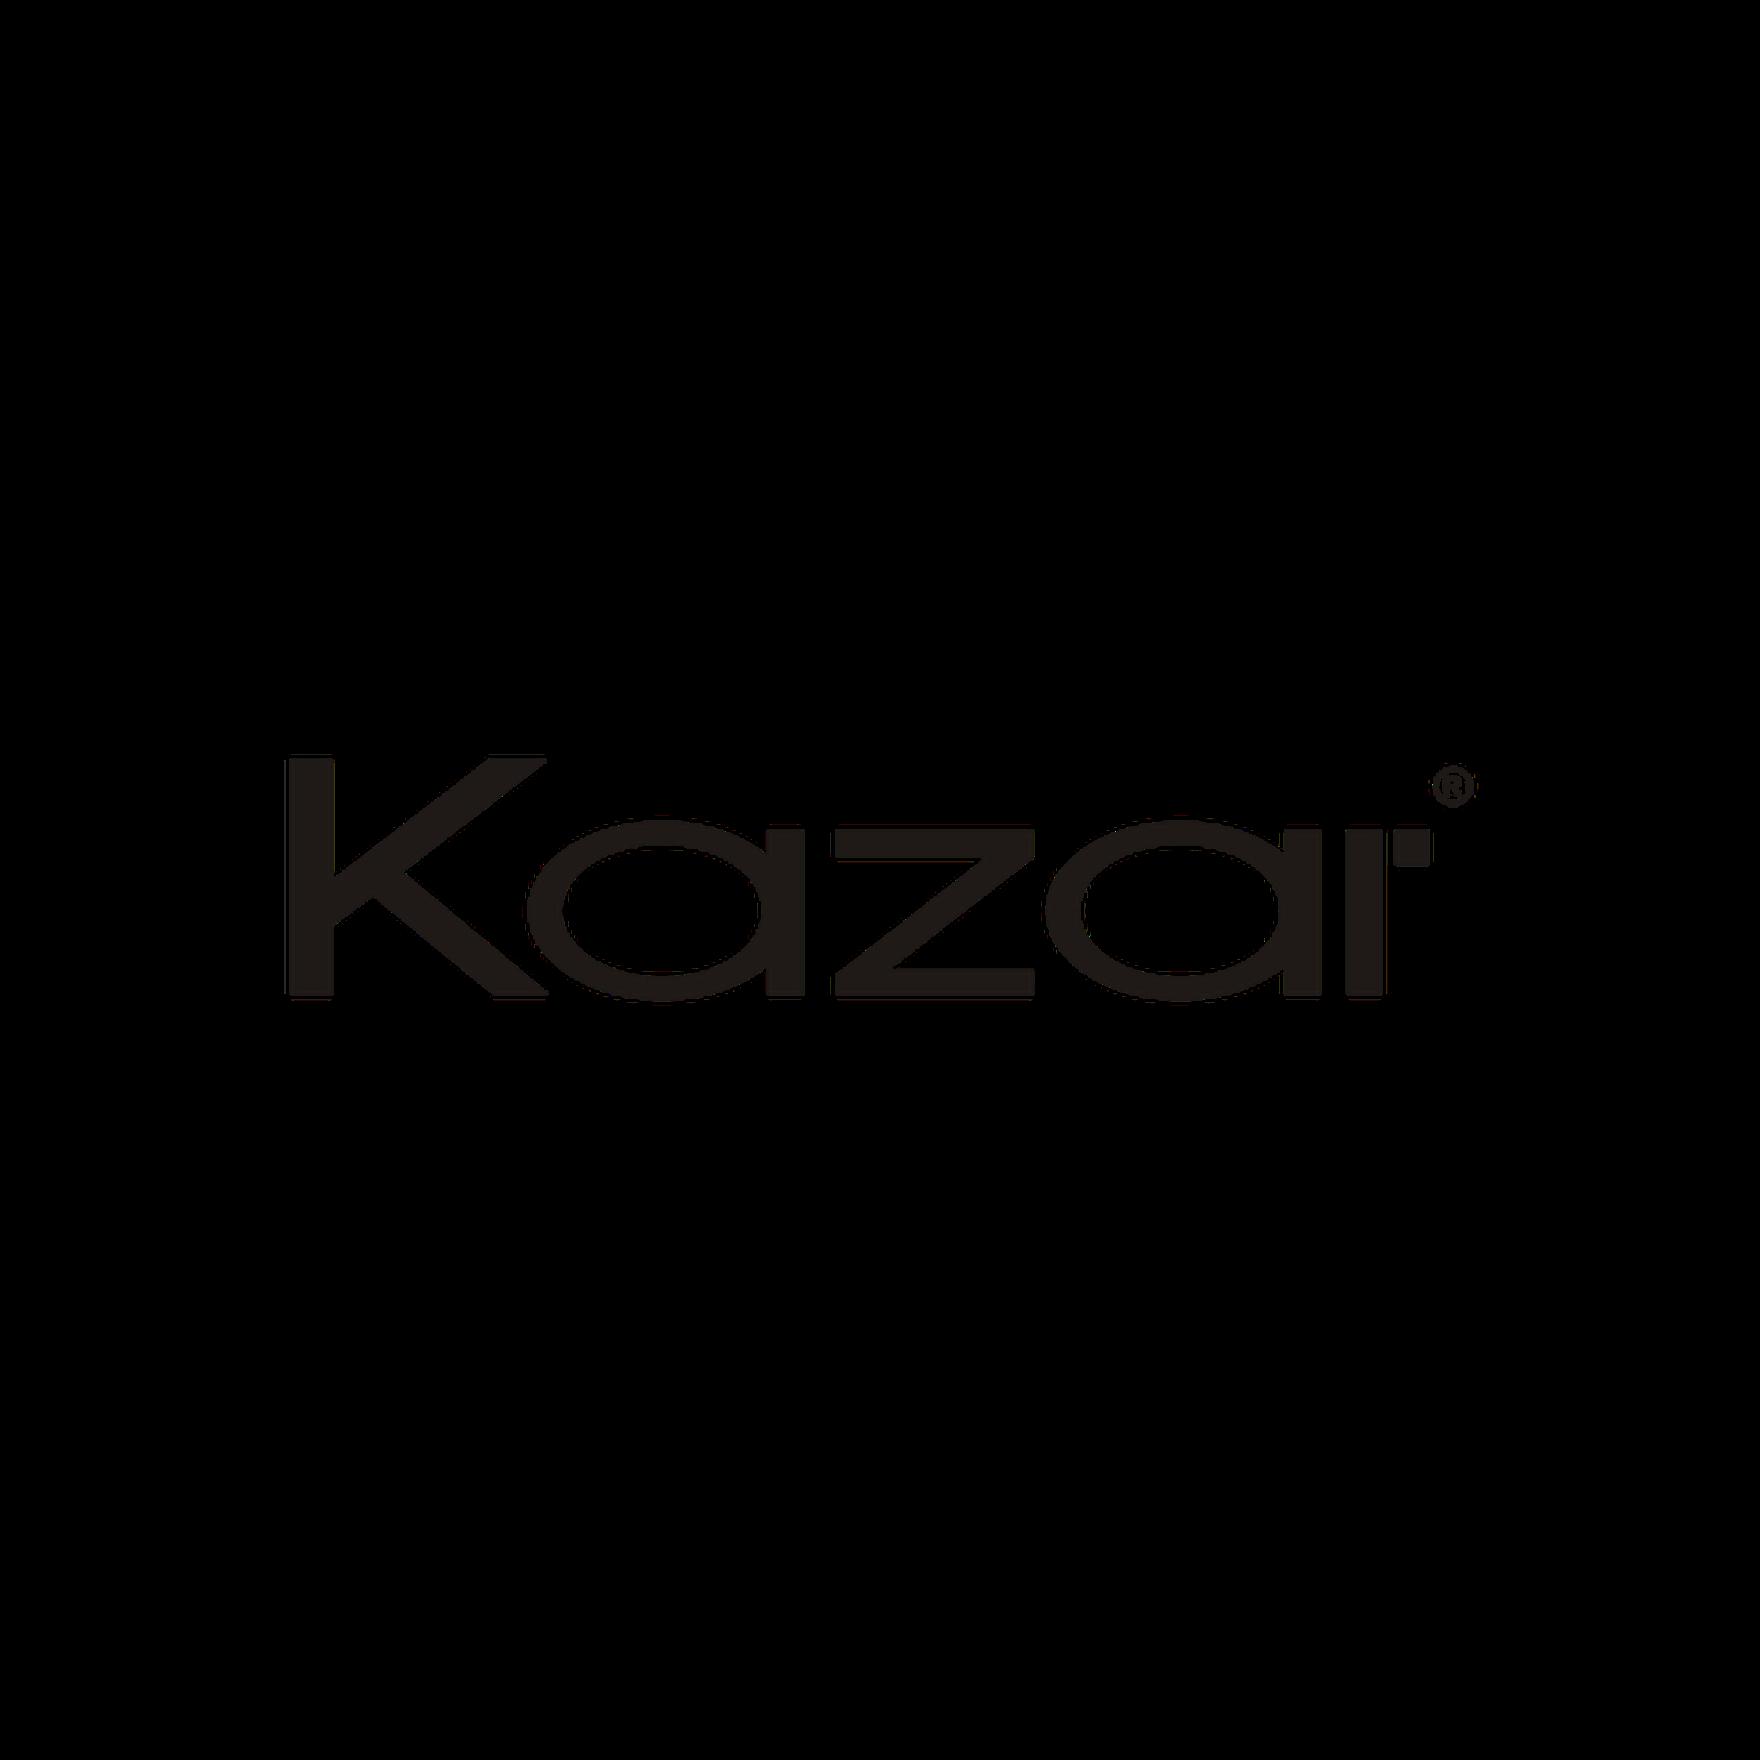 KAZAR